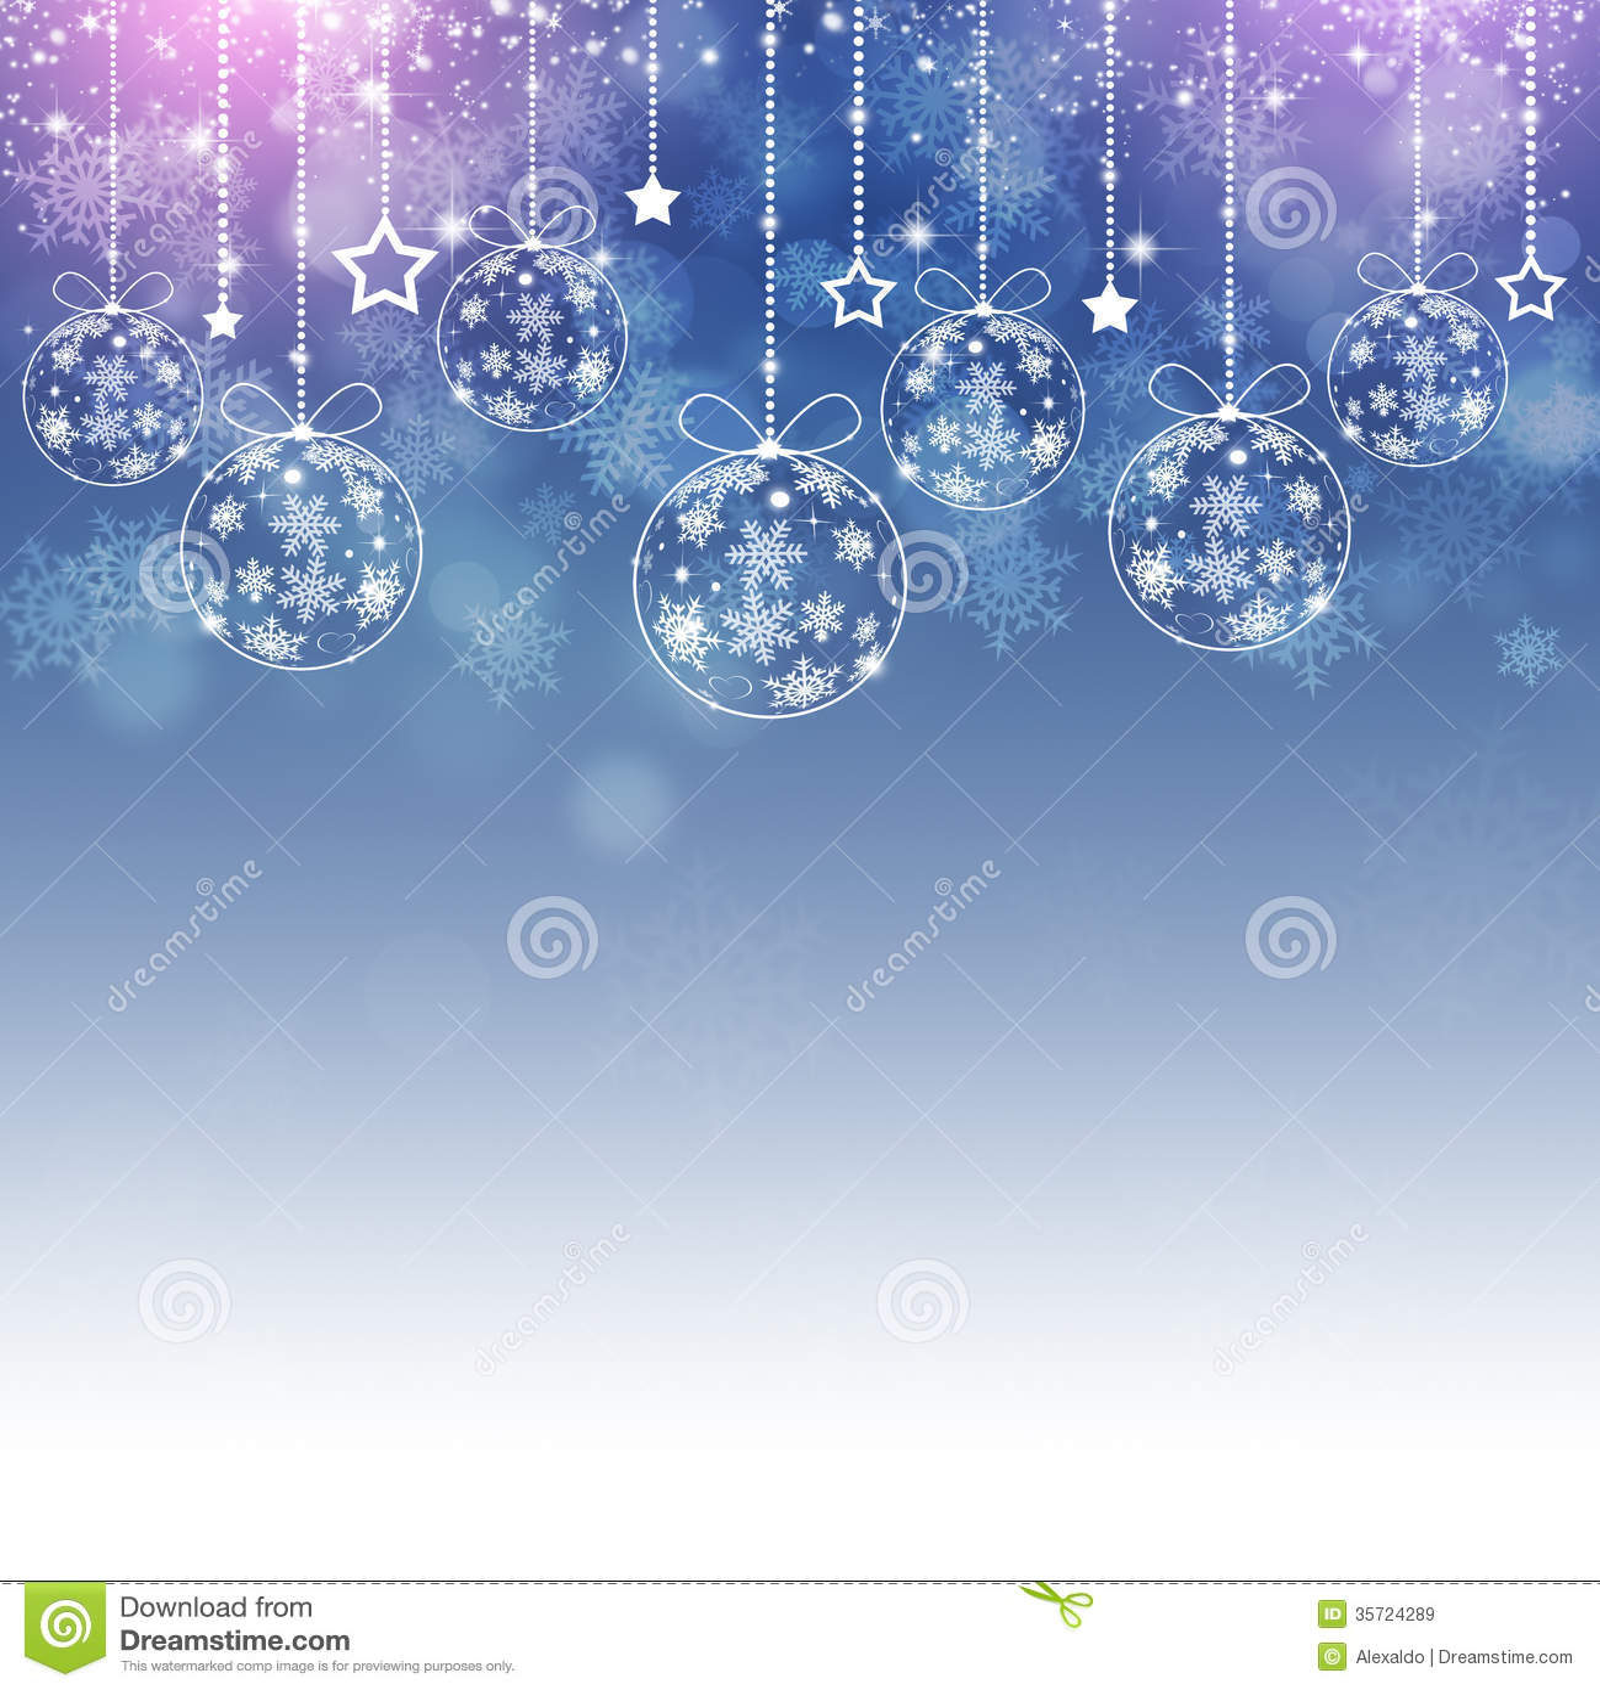 Xmas Holiday Background Royalty Free Stock Images Image